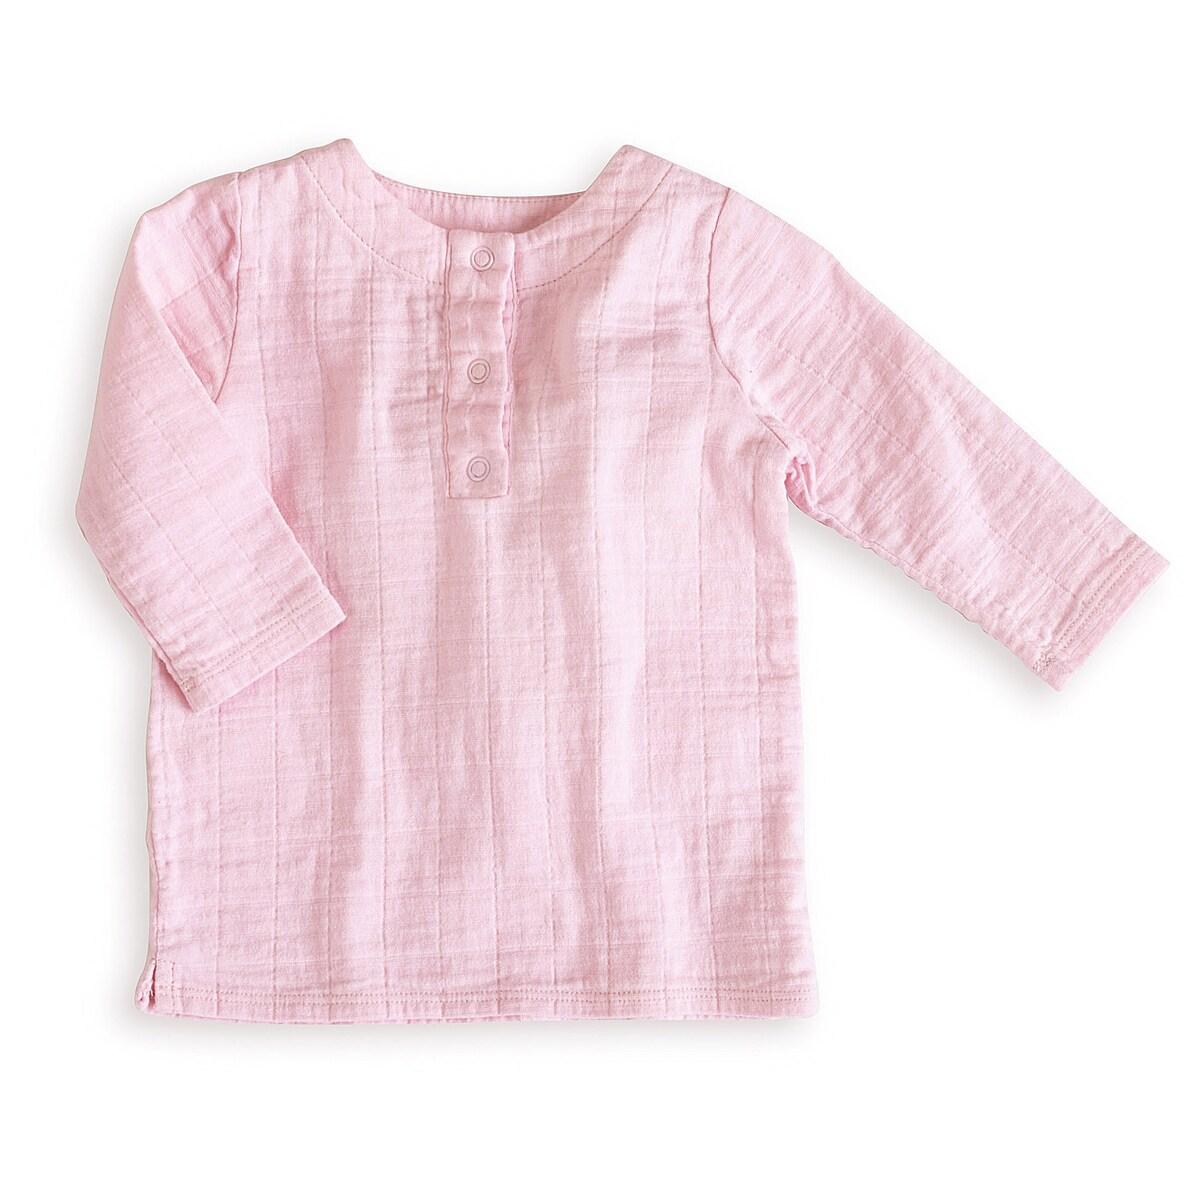 aden + anais Girls 0-3 Months Lovely Pink Muslin Tunic Top